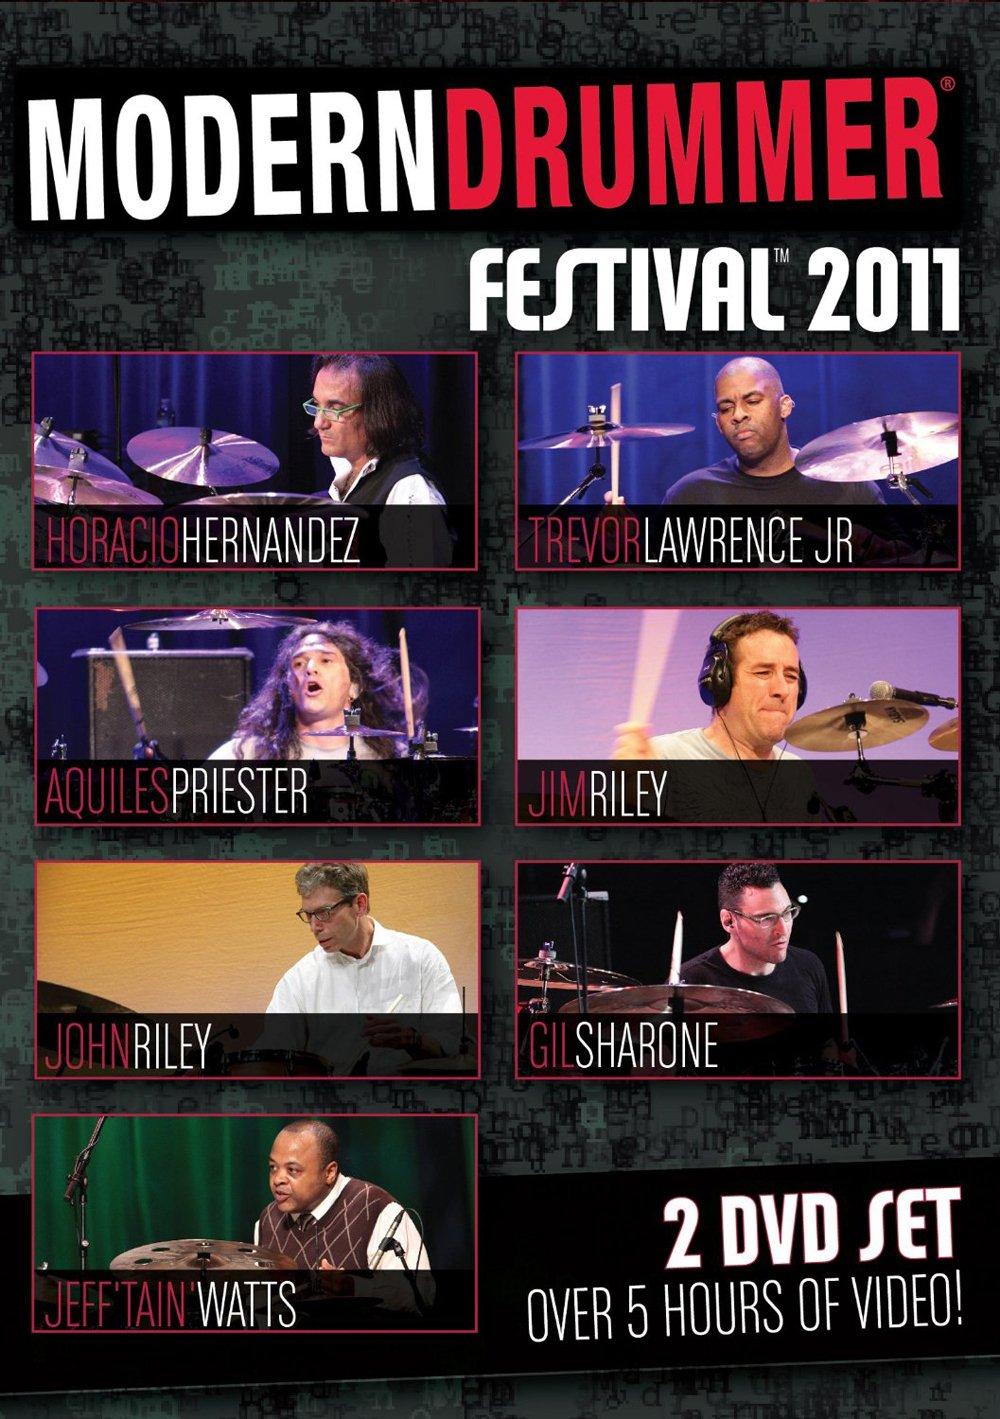 DVD : Aquiles Priester - Modern Drummer Festival 11 (DVD)